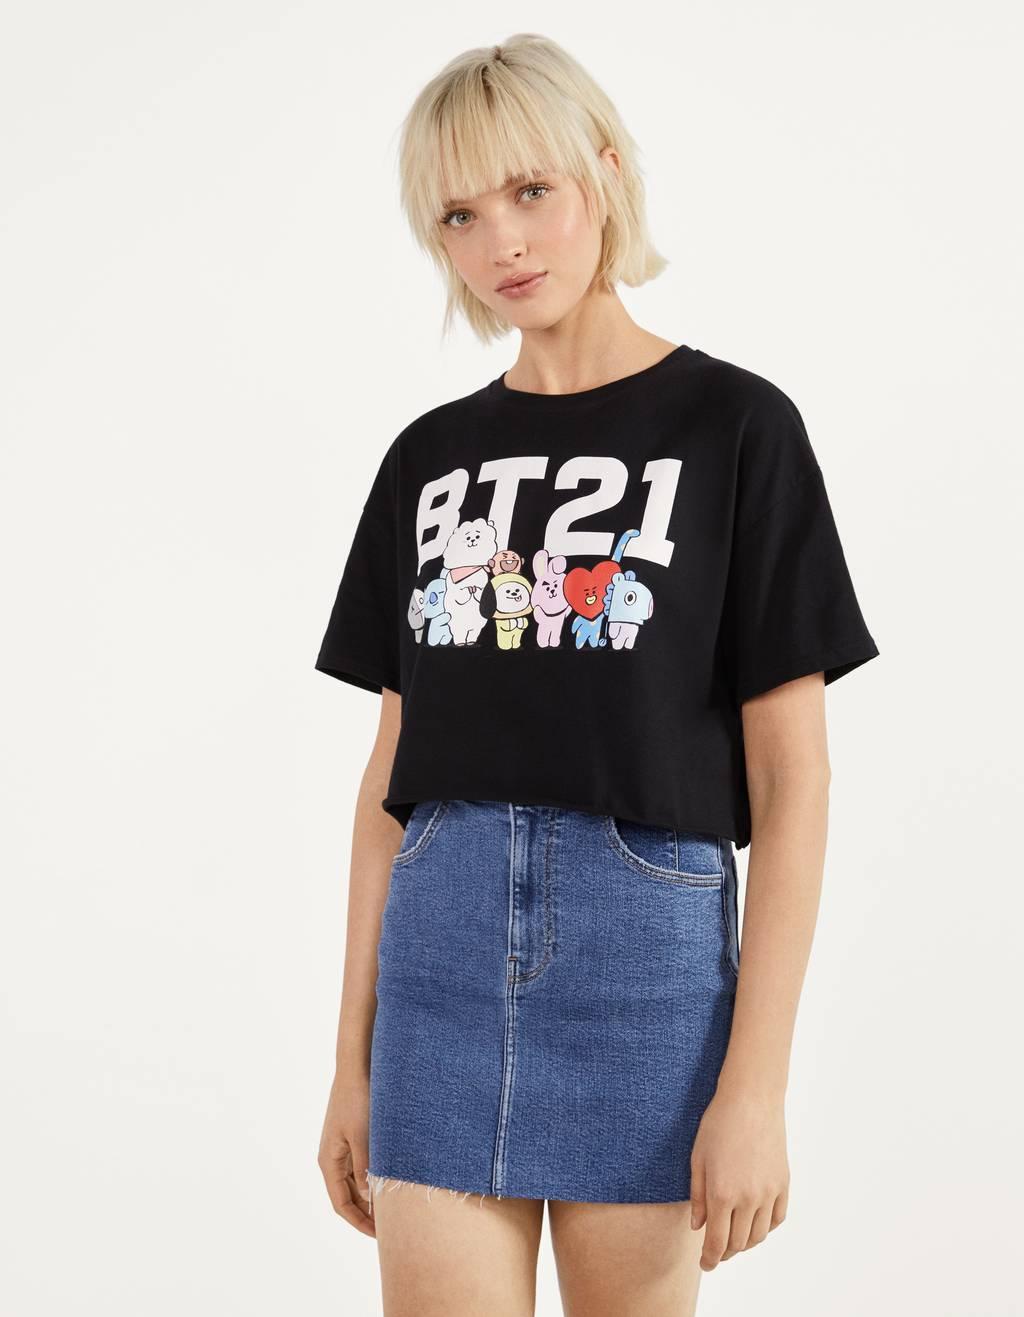 BT21 print T-shirt